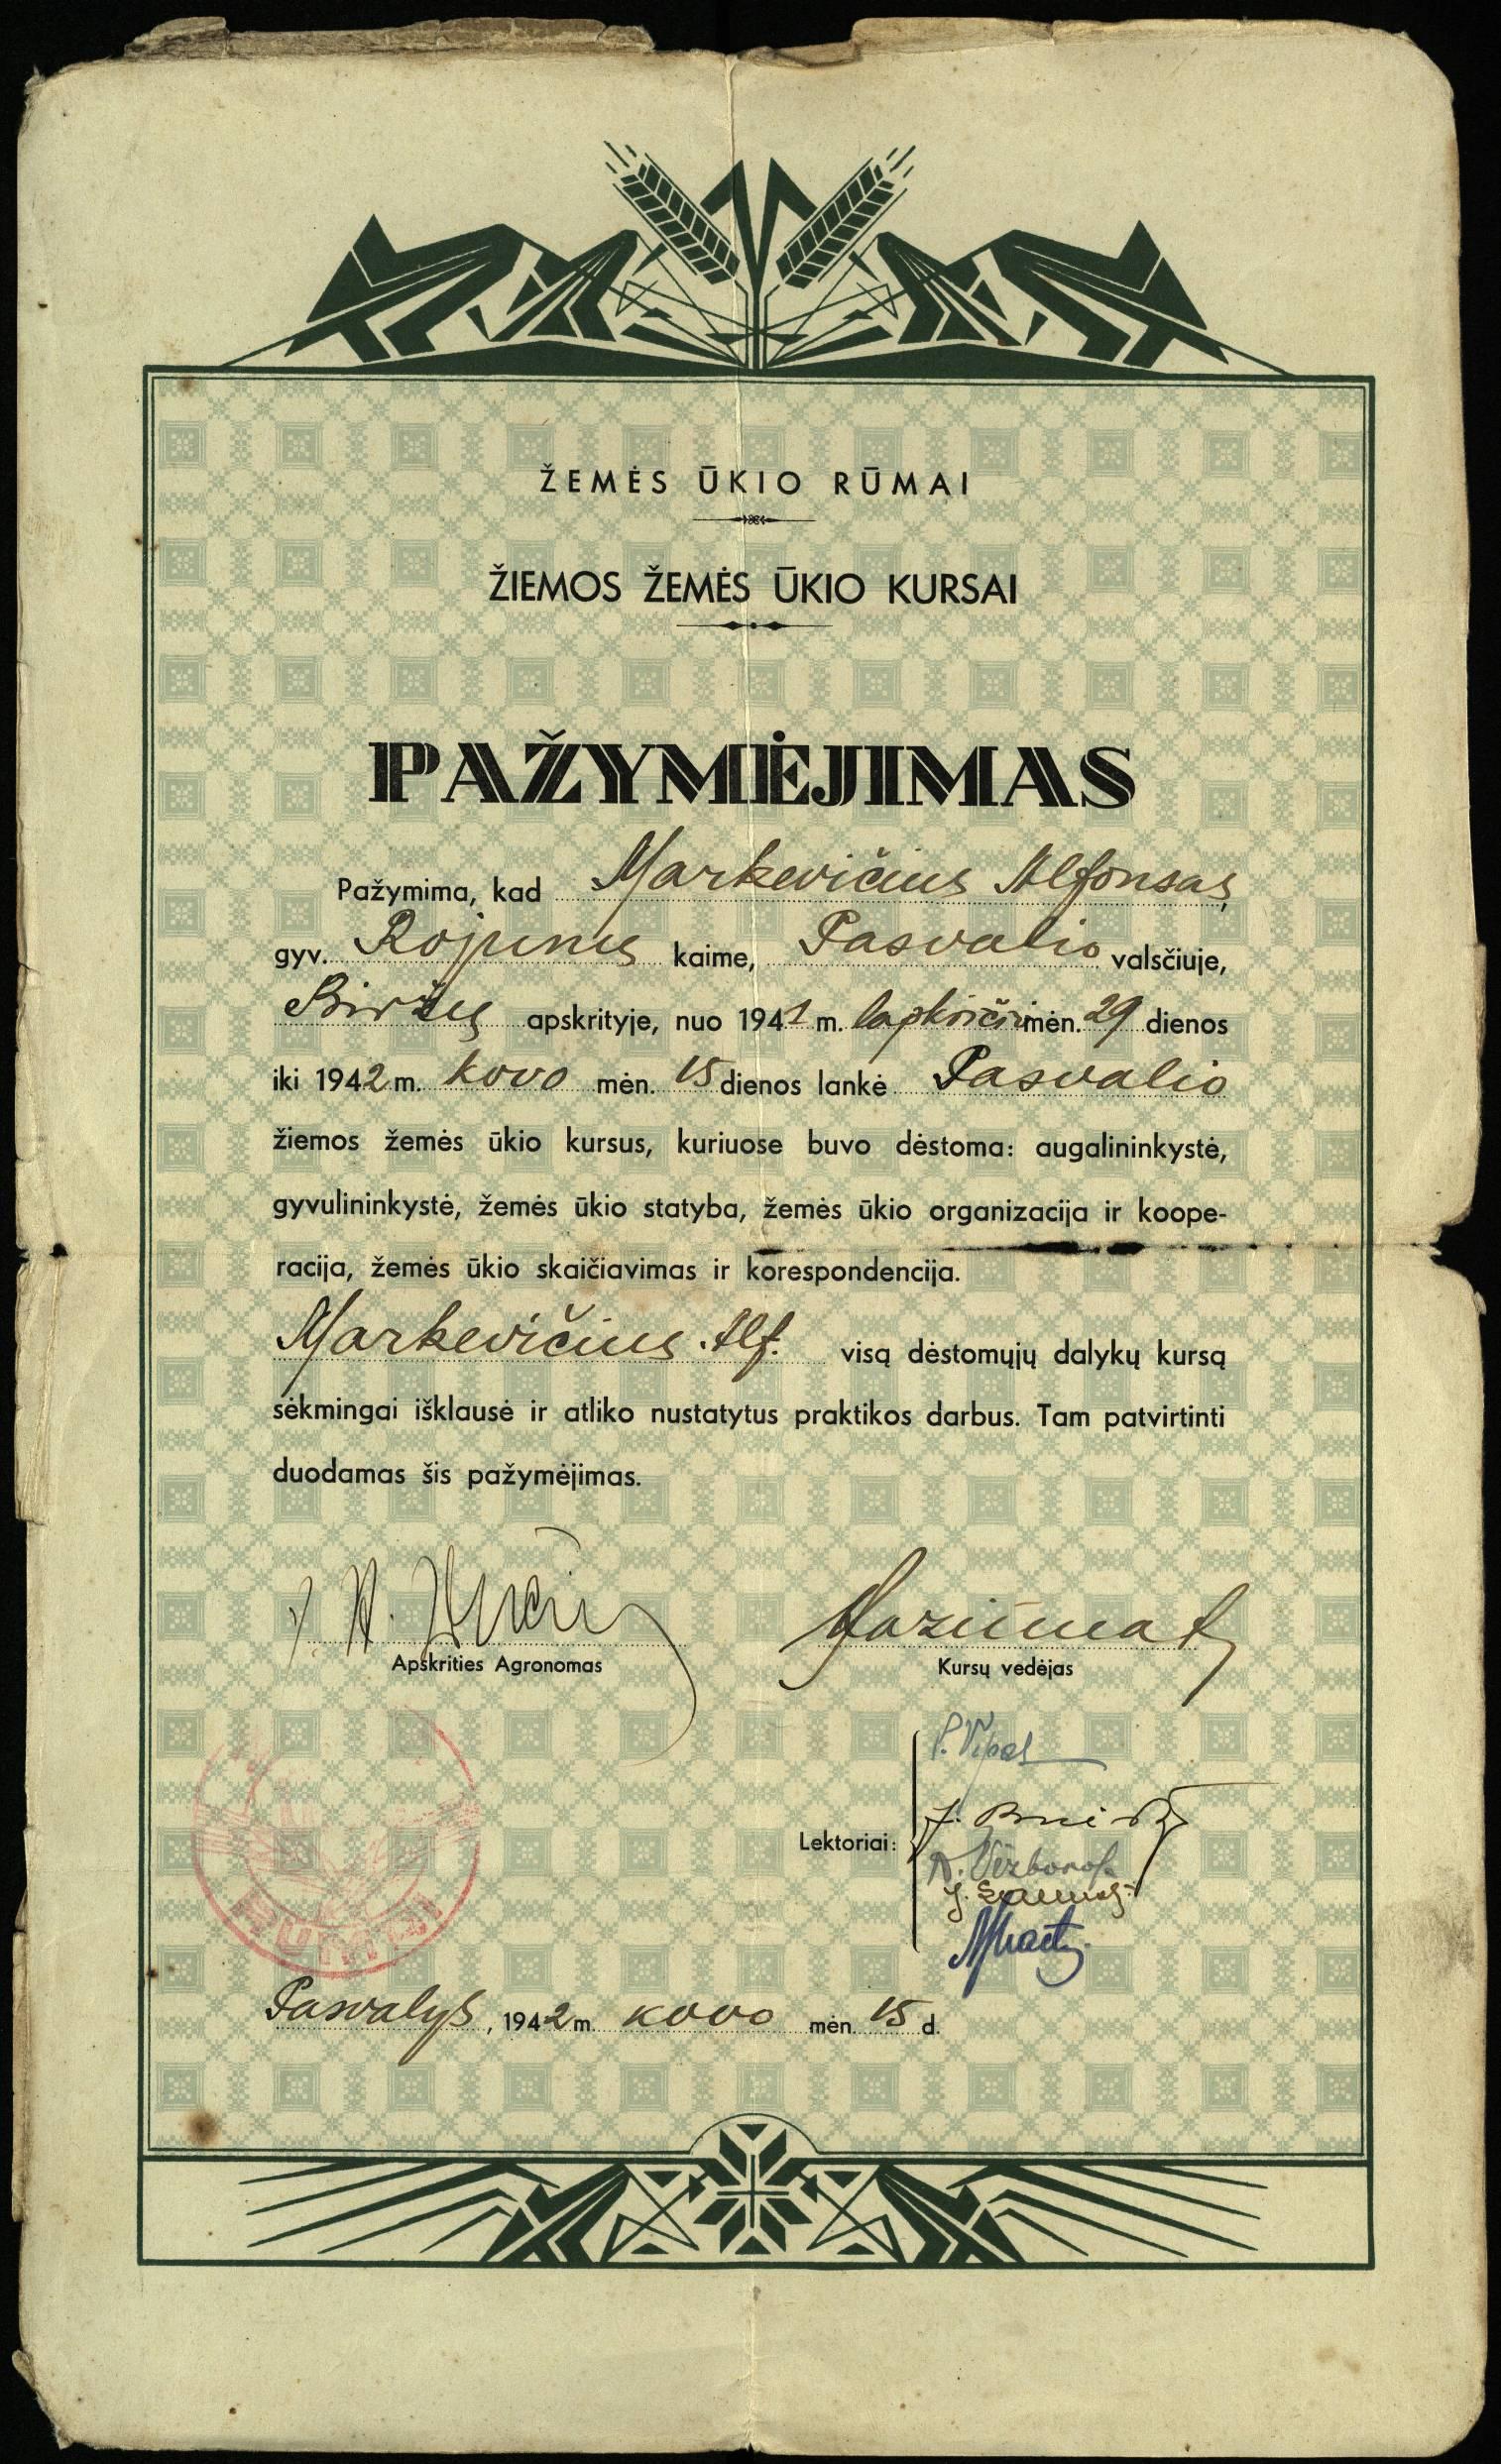 Alfonso Markevičiaus Pasvalio žiemos žemės ūkio kursų pažymėjimas, 1942 m. kovo 15 d.